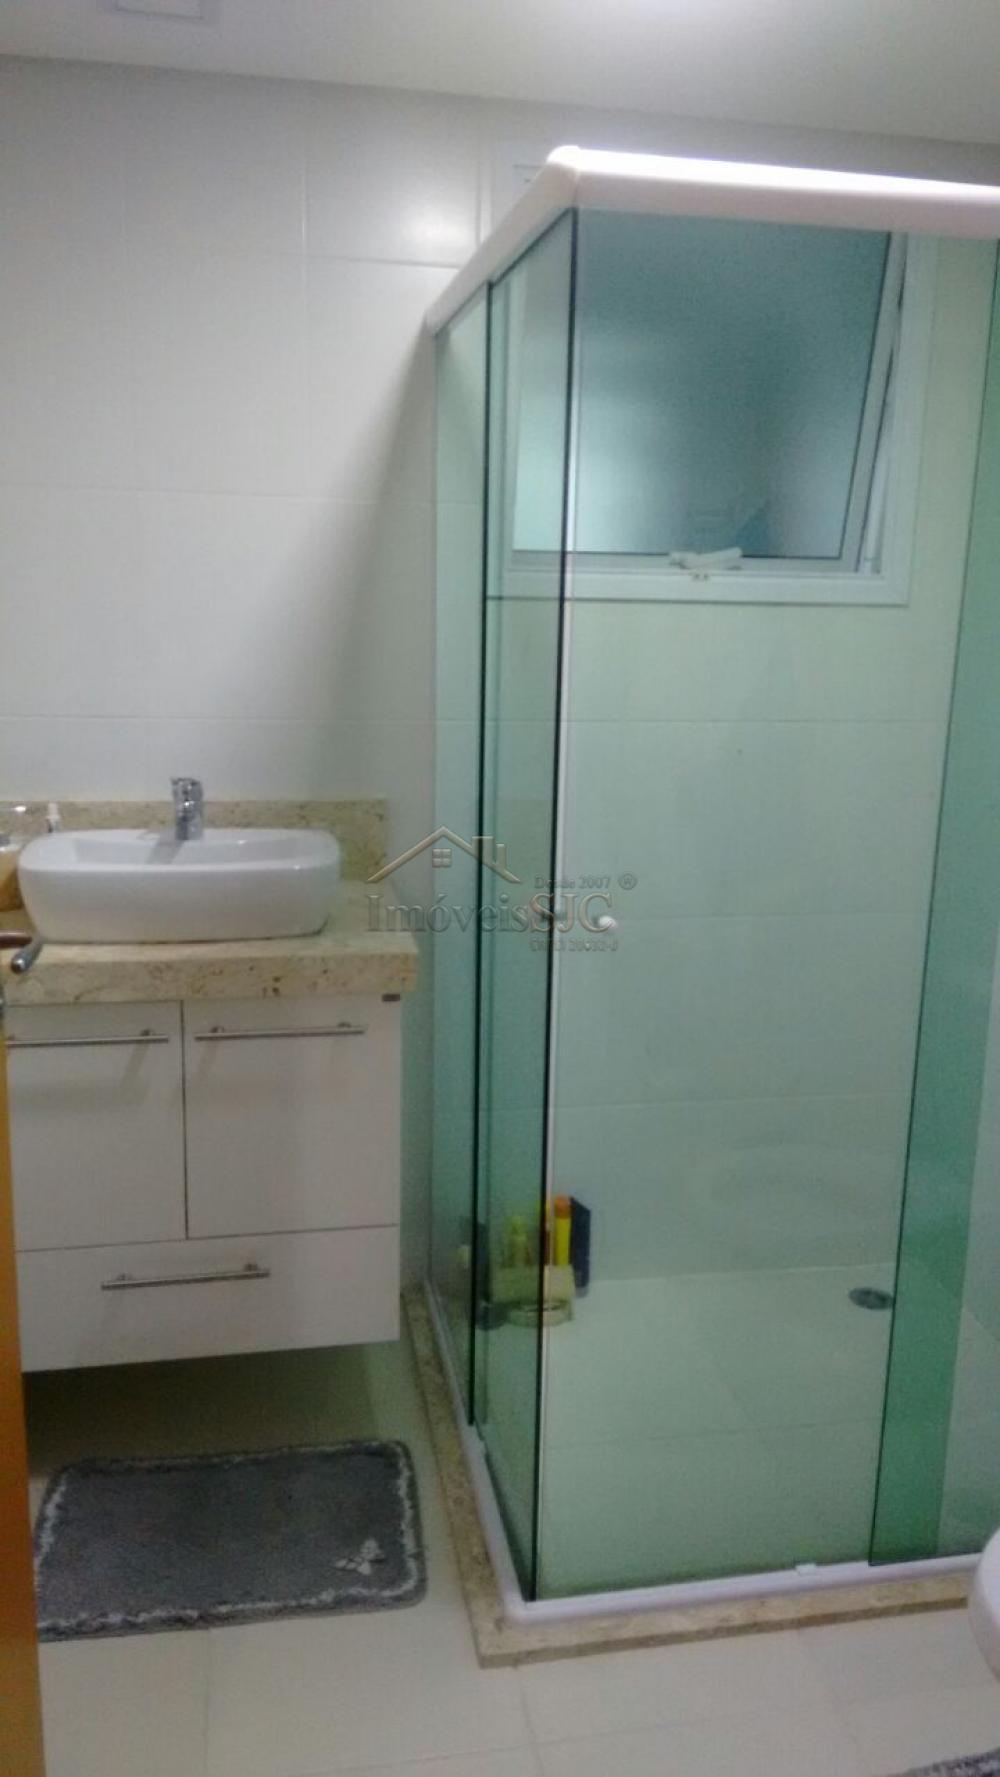 Comprar Apartamentos / Padrão em São José dos Campos apenas R$ 600.000,00 - Foto 17